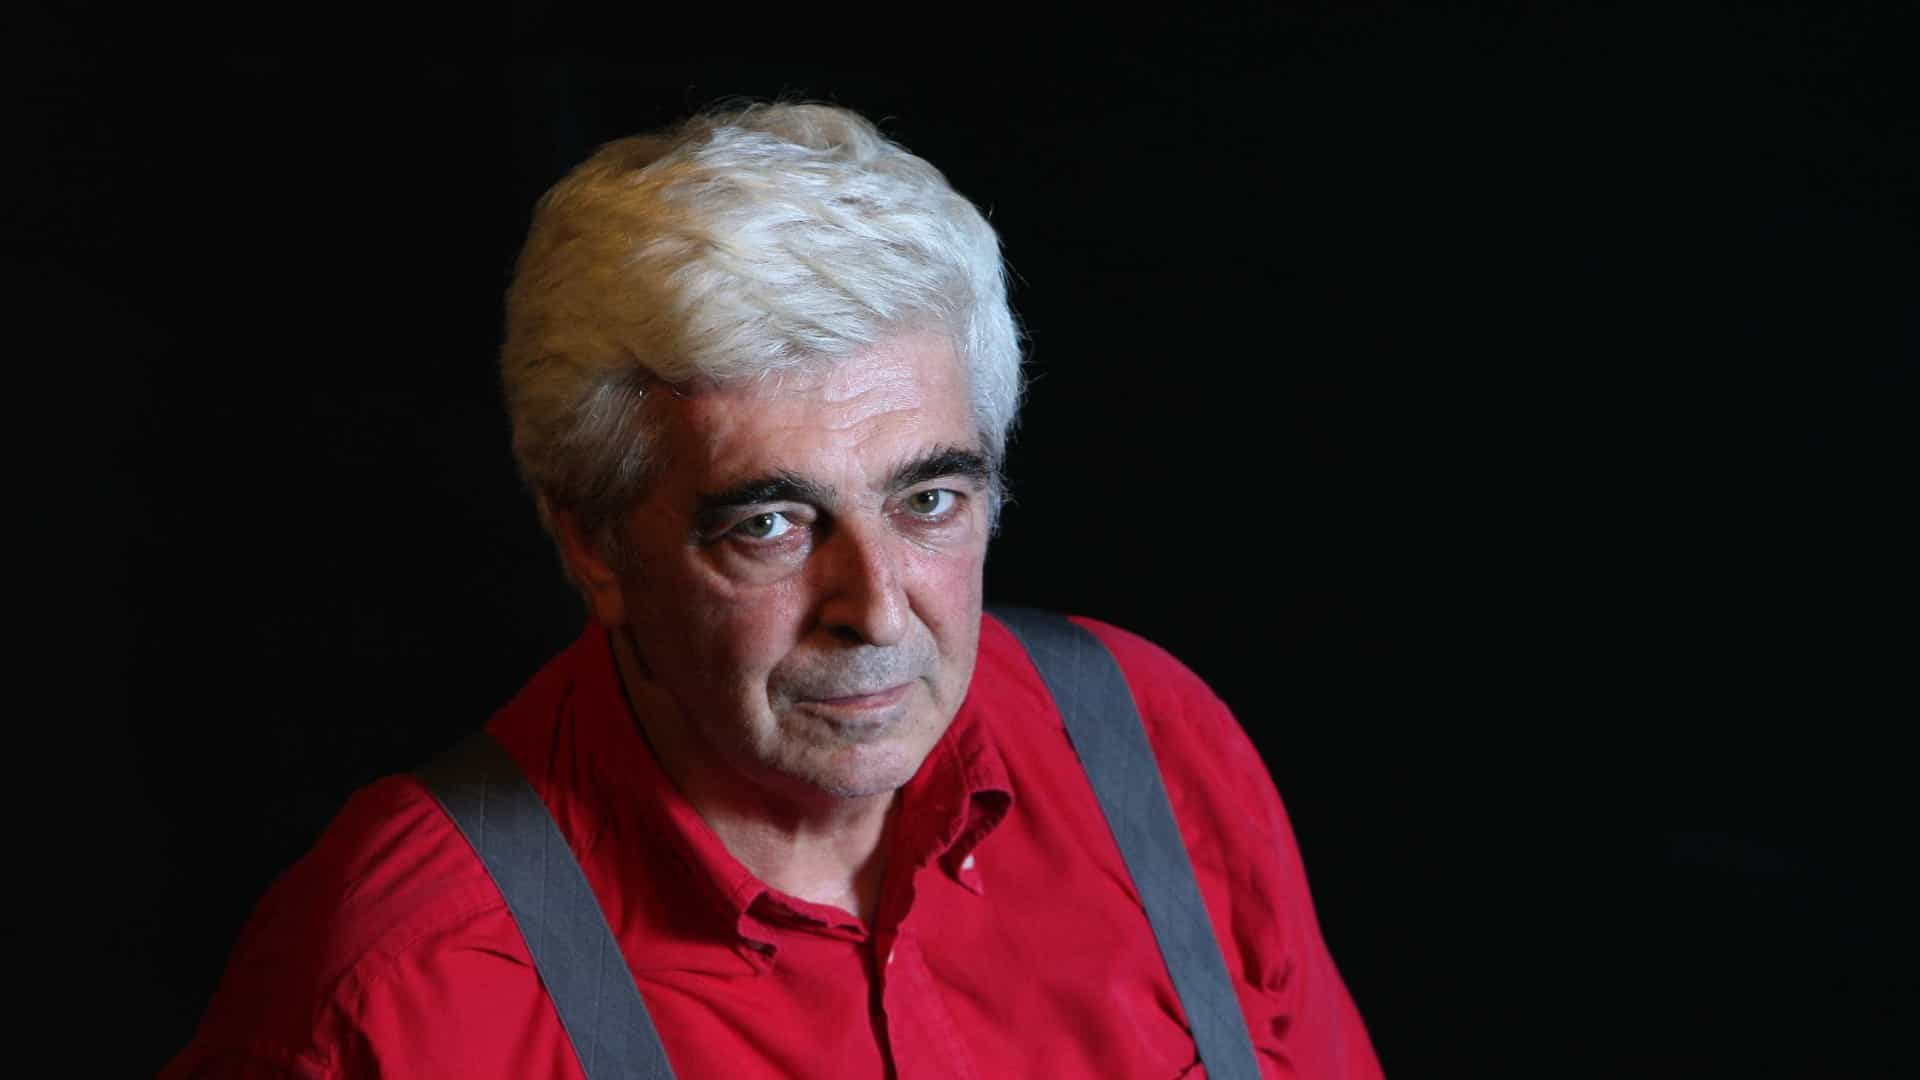 Teatro da Cornucópia fecha portas hoje, ao fim de 43 anos